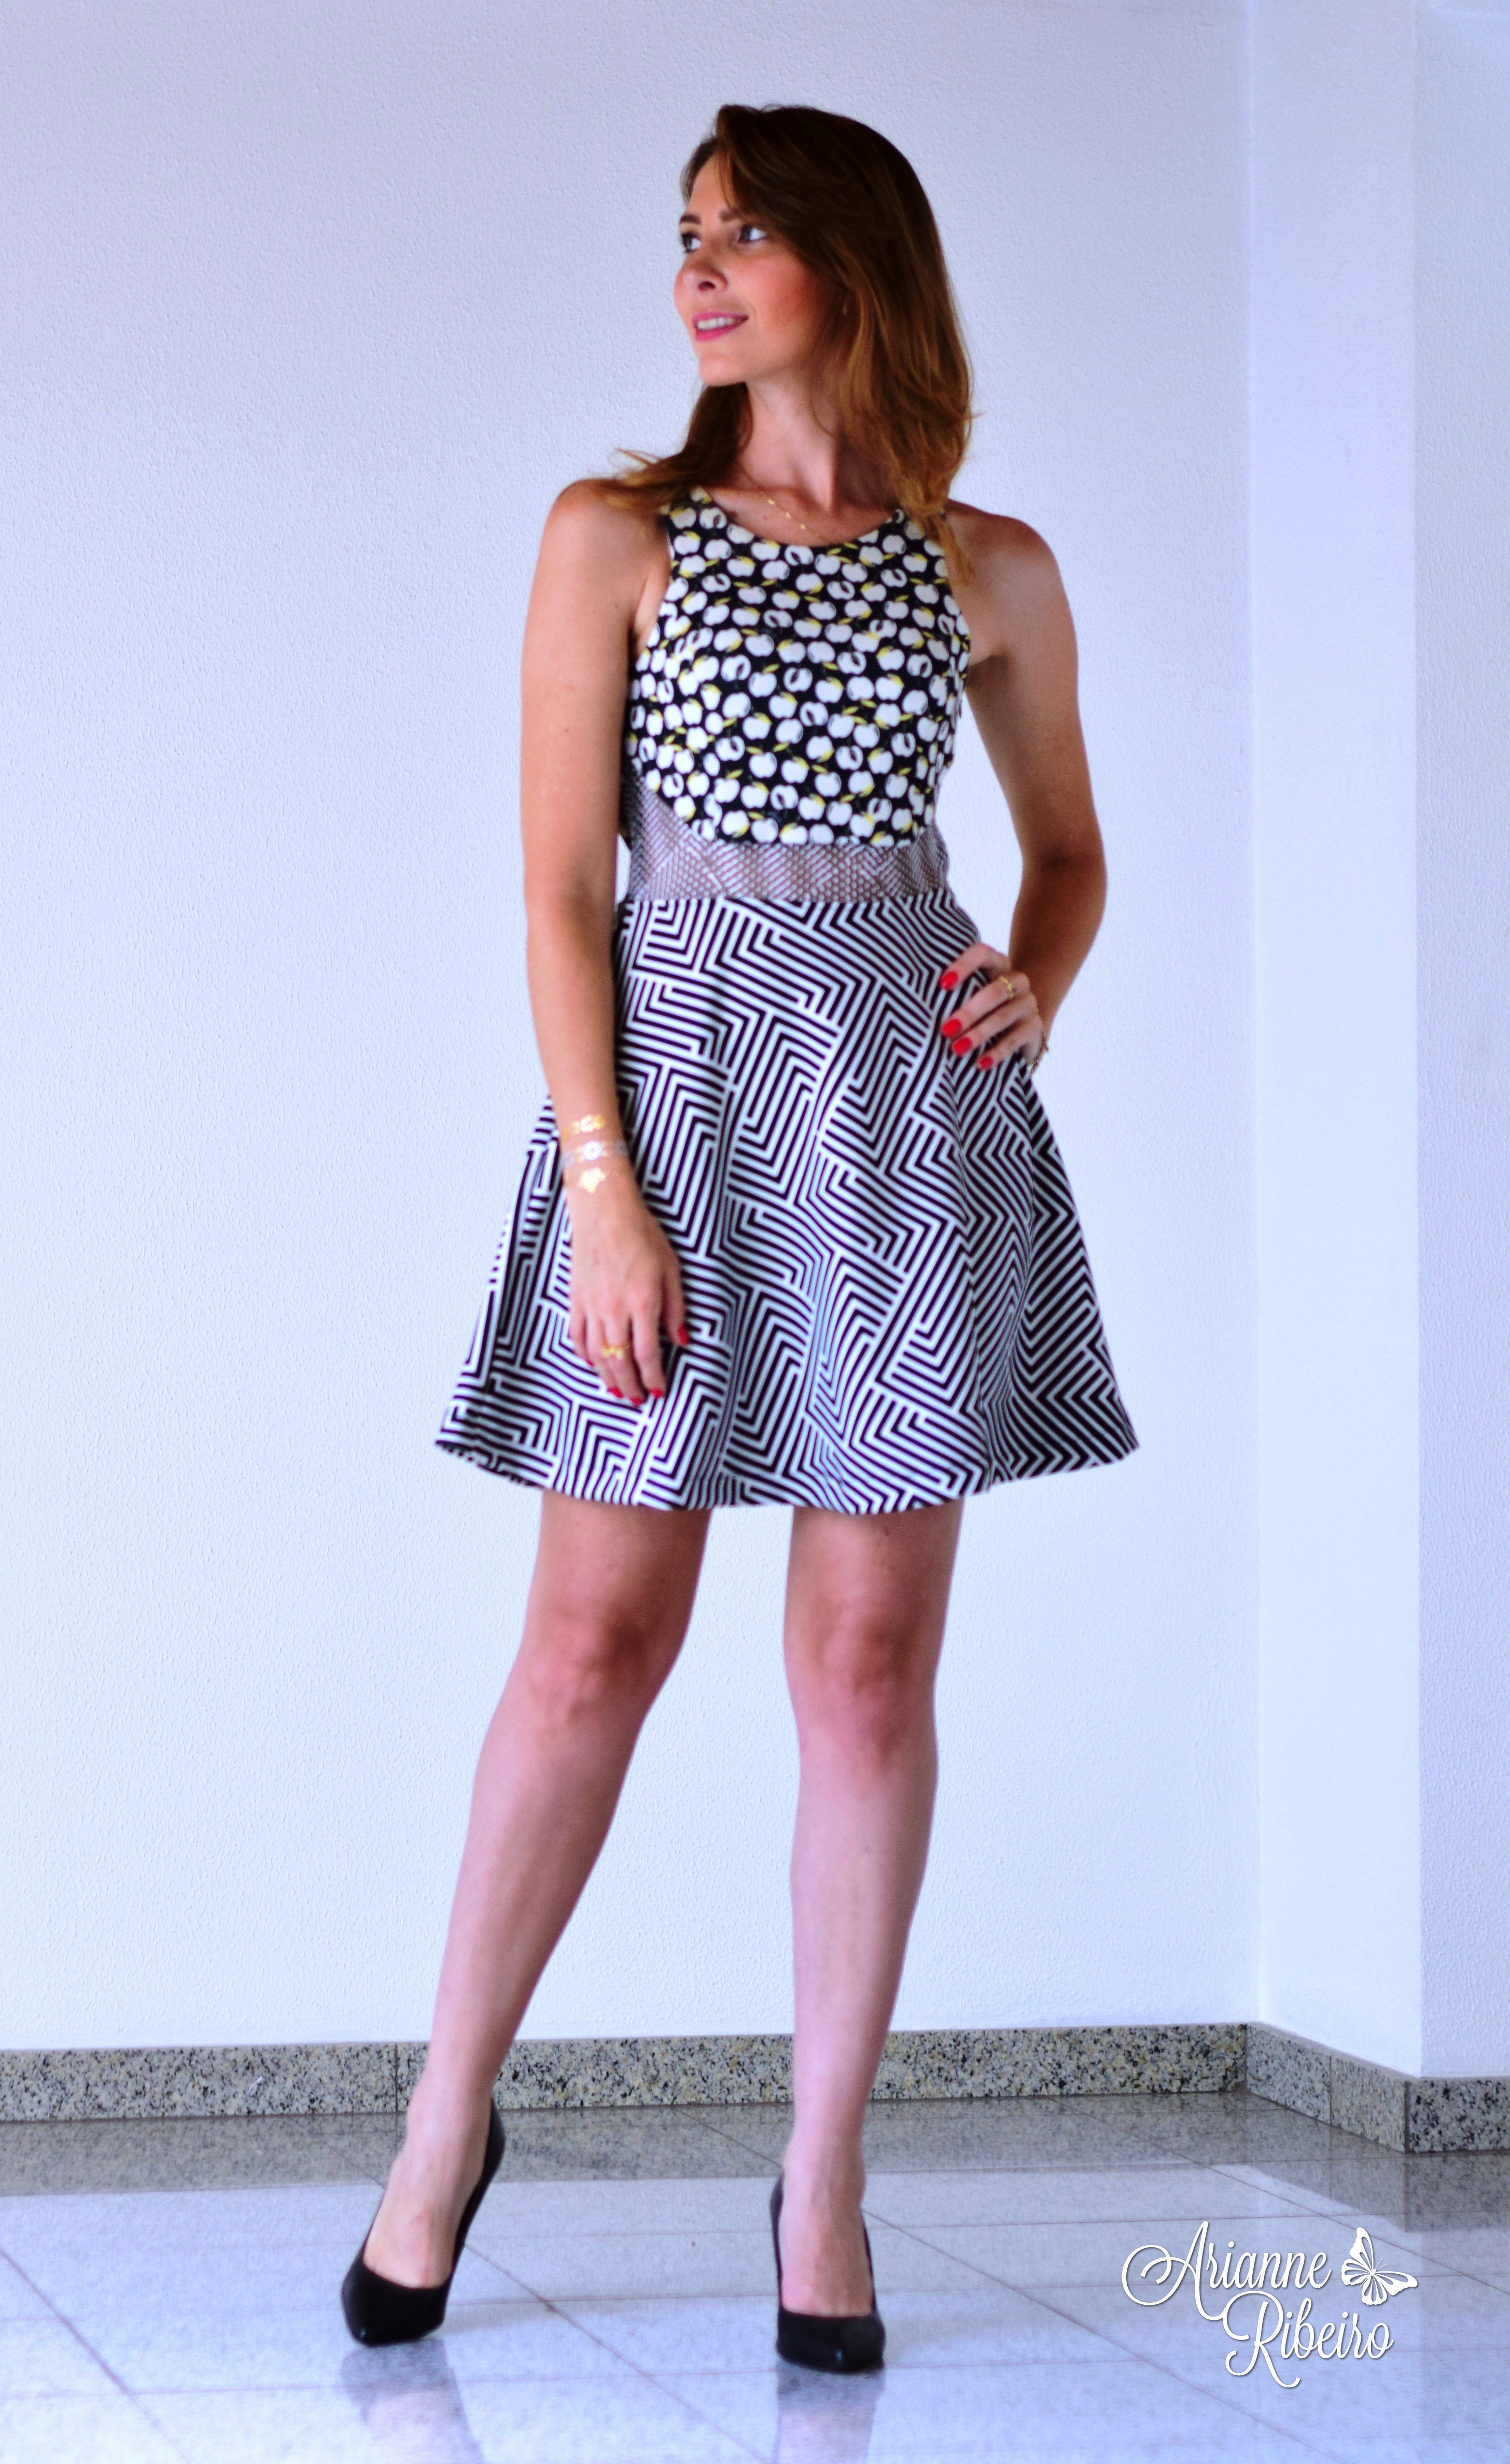 Sttudio Moda 003 _ Arianne Ribeiro